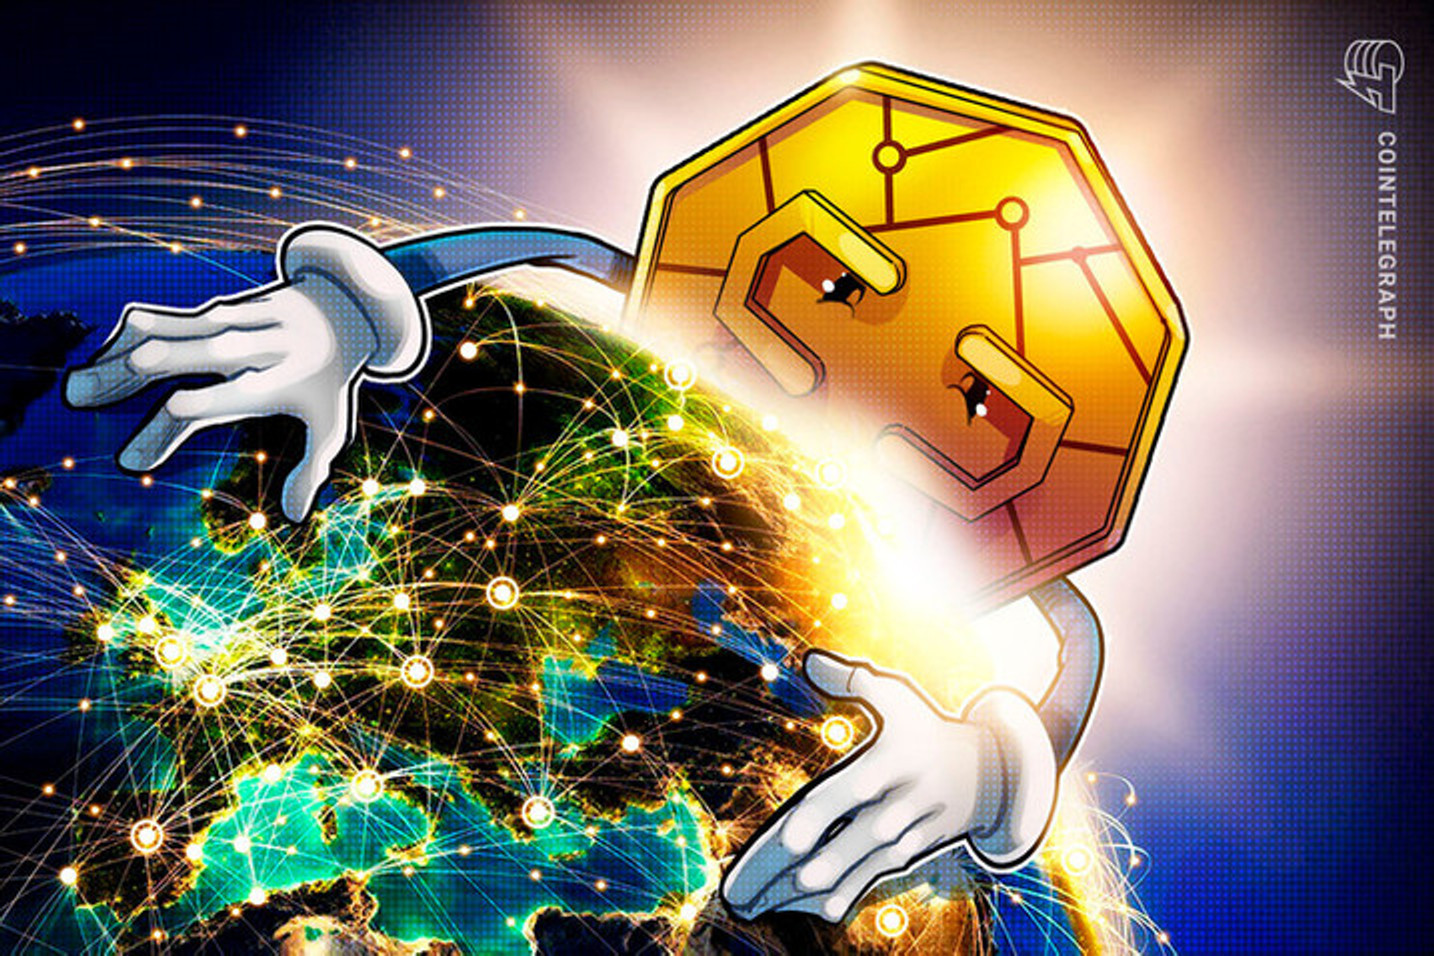 Melhor da Semana: Motivos para a correção do Bitcoin, previsão furada de Samy Dana e grandes lucros com o Ripple